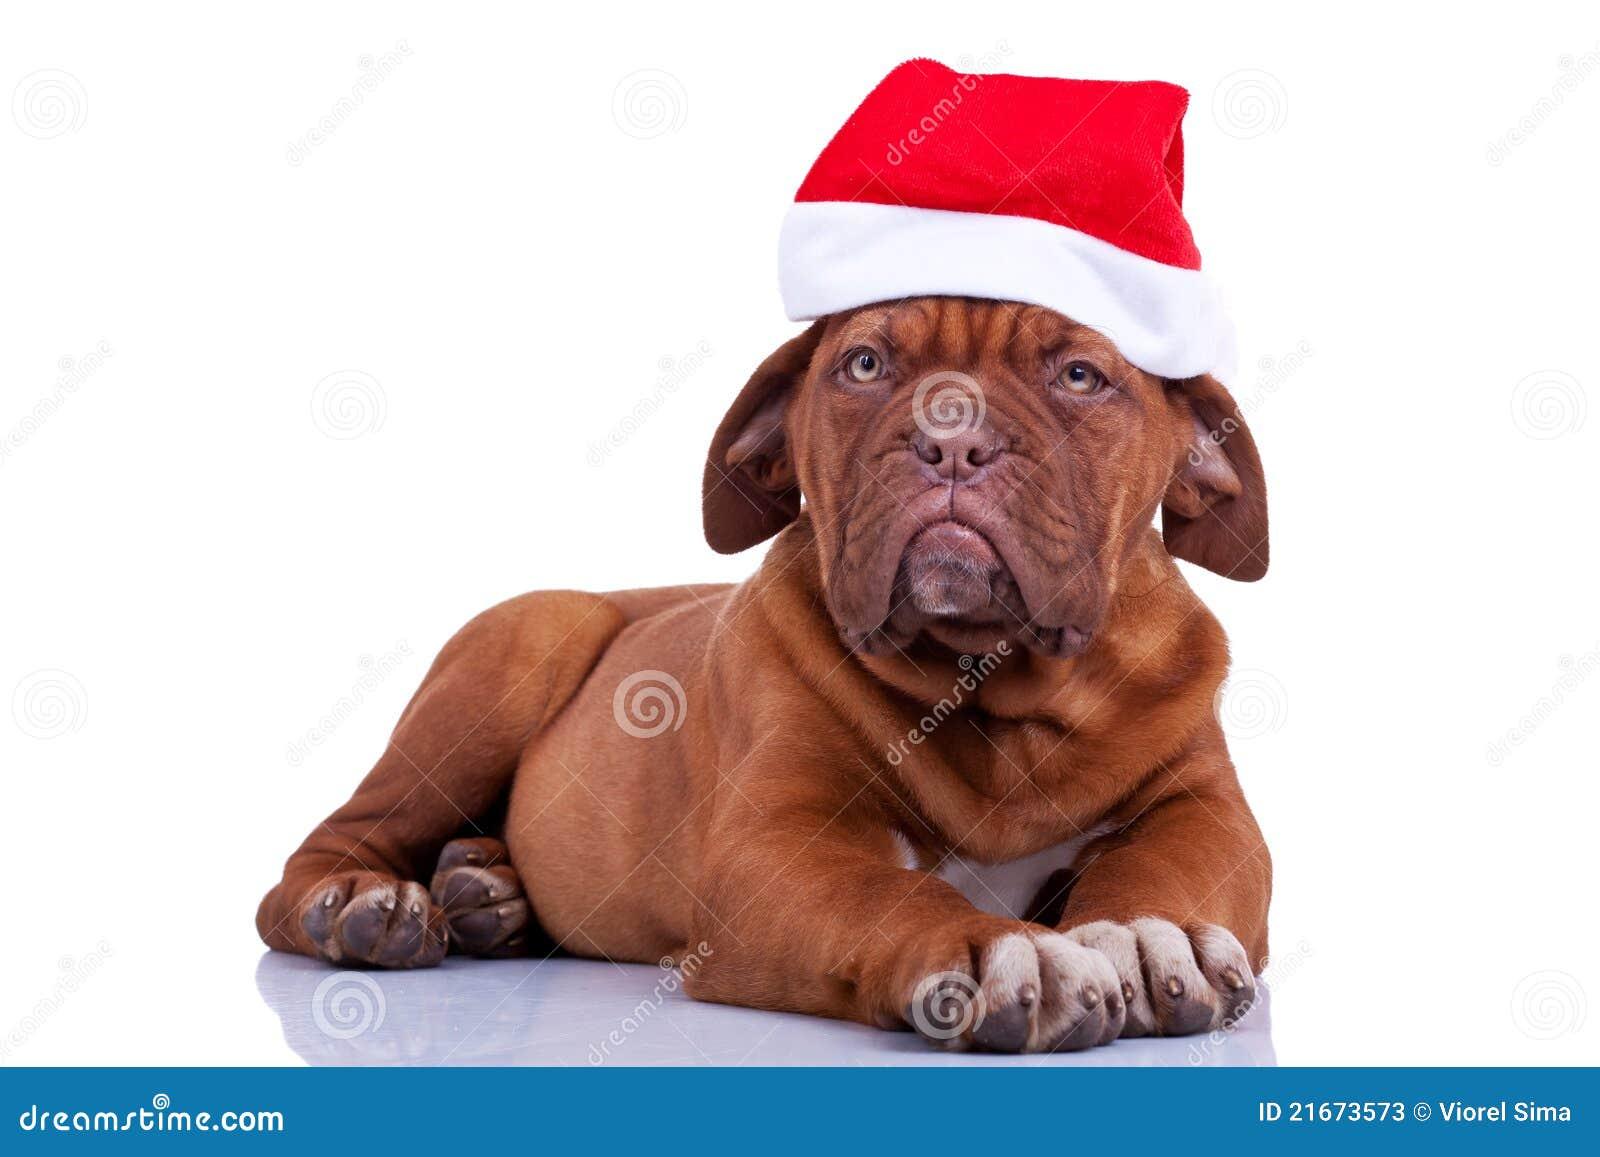 Puppy with a santa cap